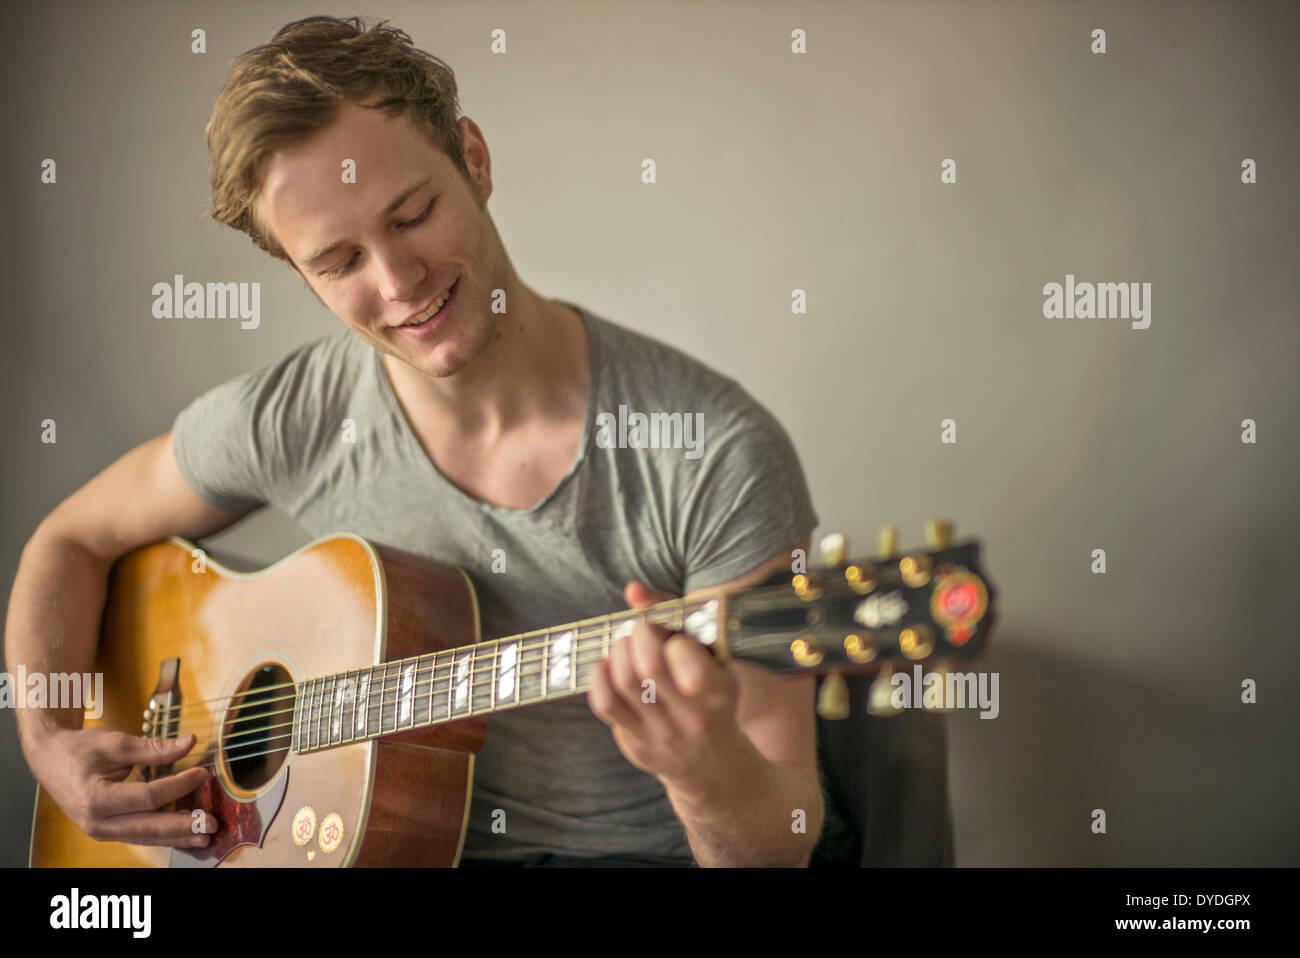 Una hermosa joven tocando la guitarra acústica. Imagen De Stock